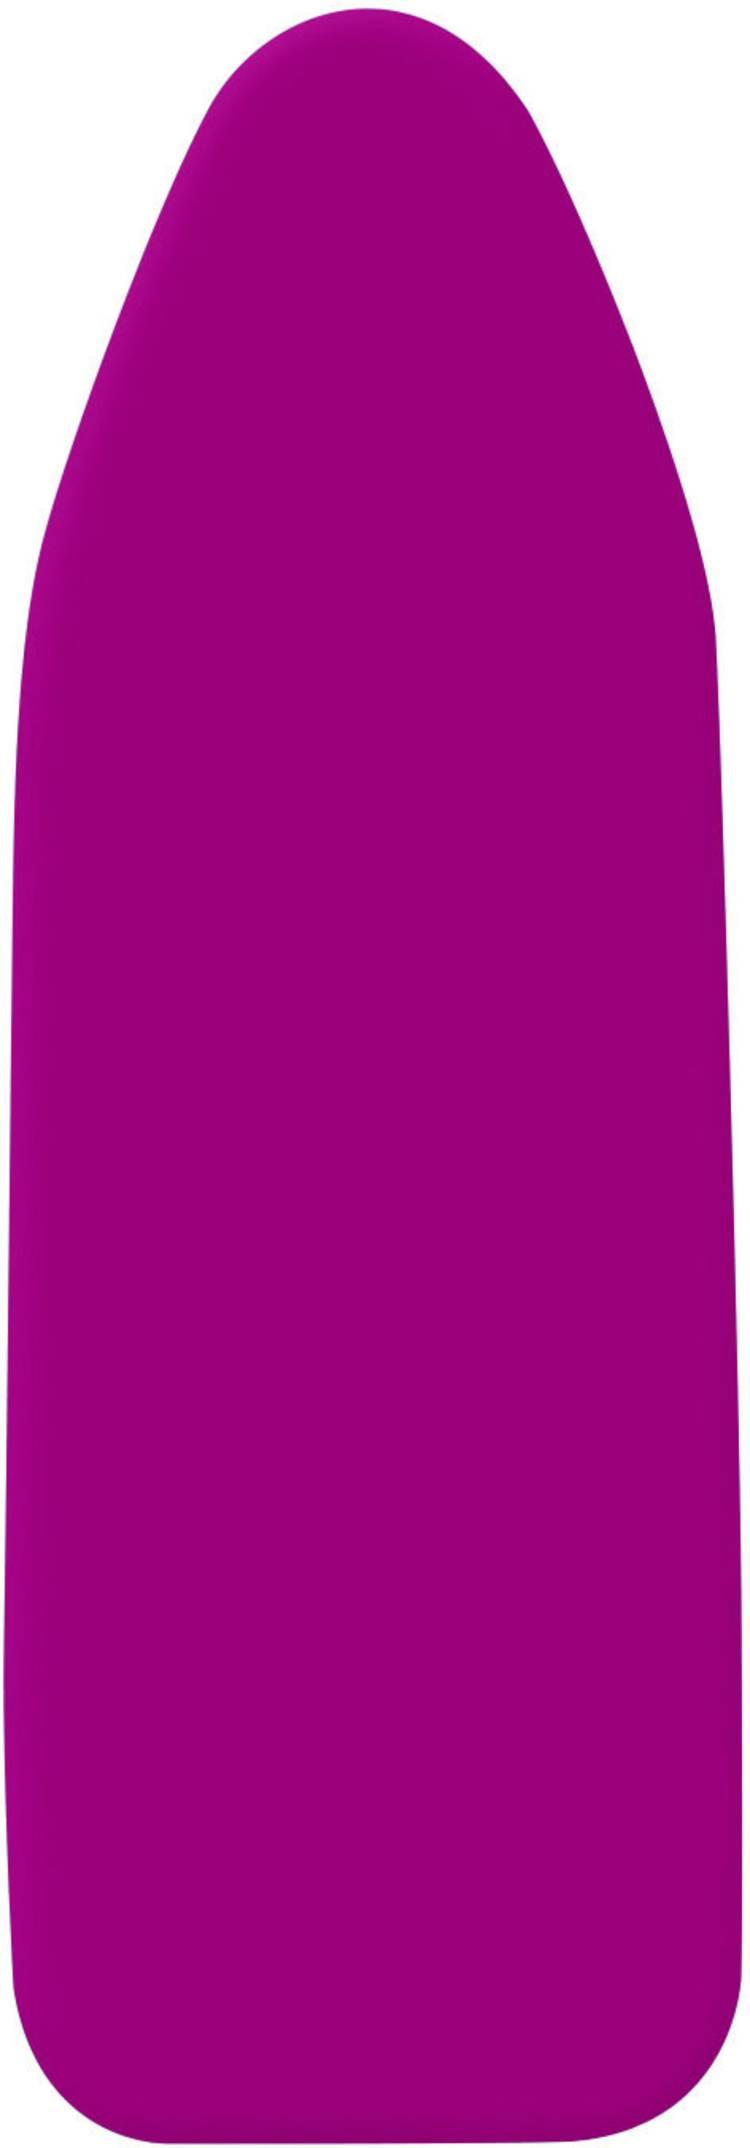 Image of Strijkplankovertrek Wenko Keramik 1 stuks Roze